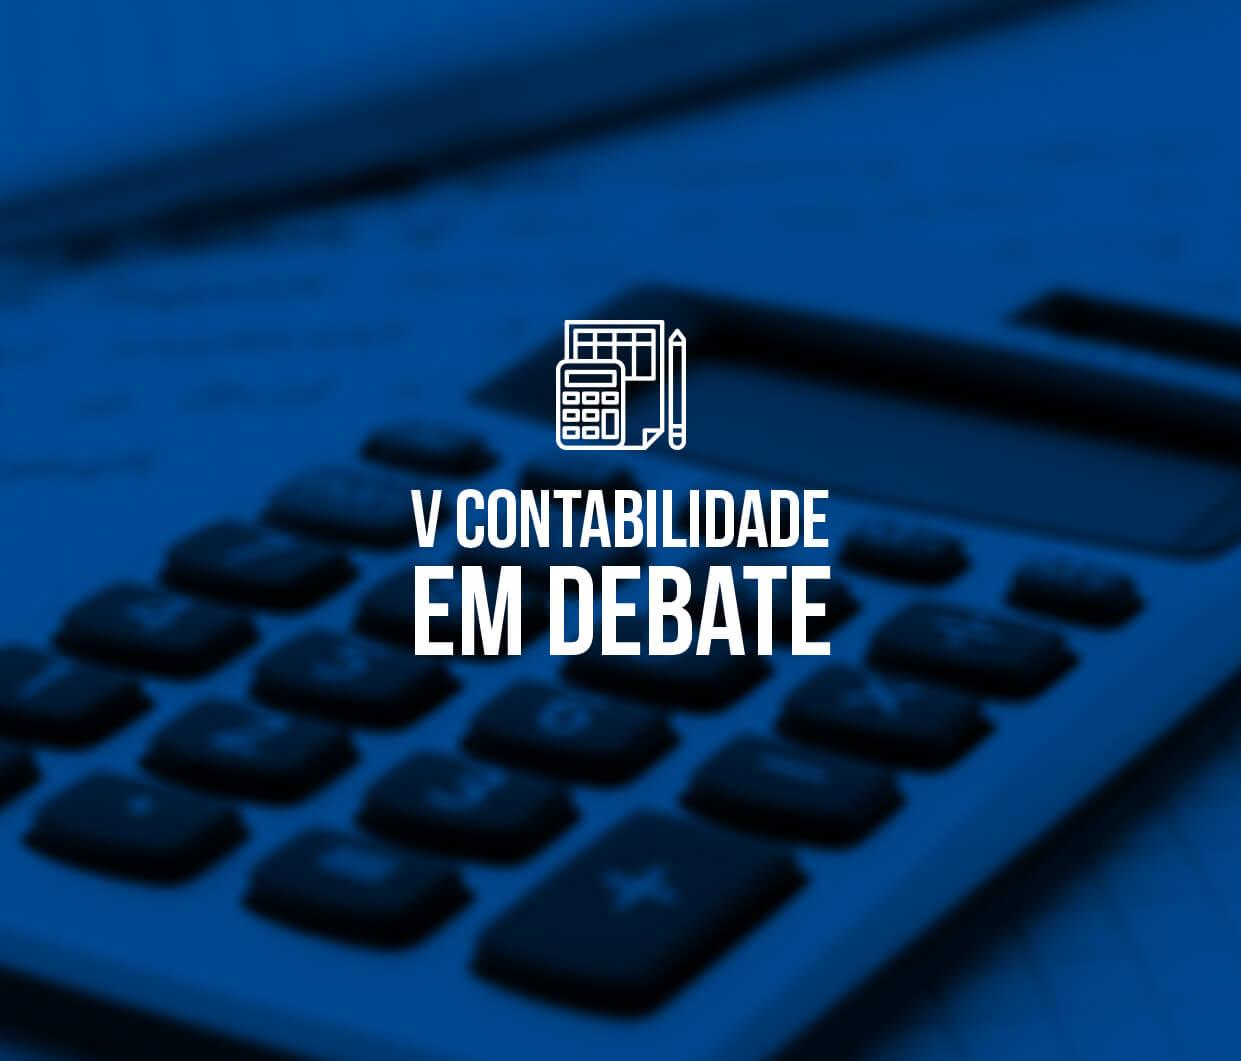 V Contabilidade em Debate reúne profissionais da área na UNIFEBE